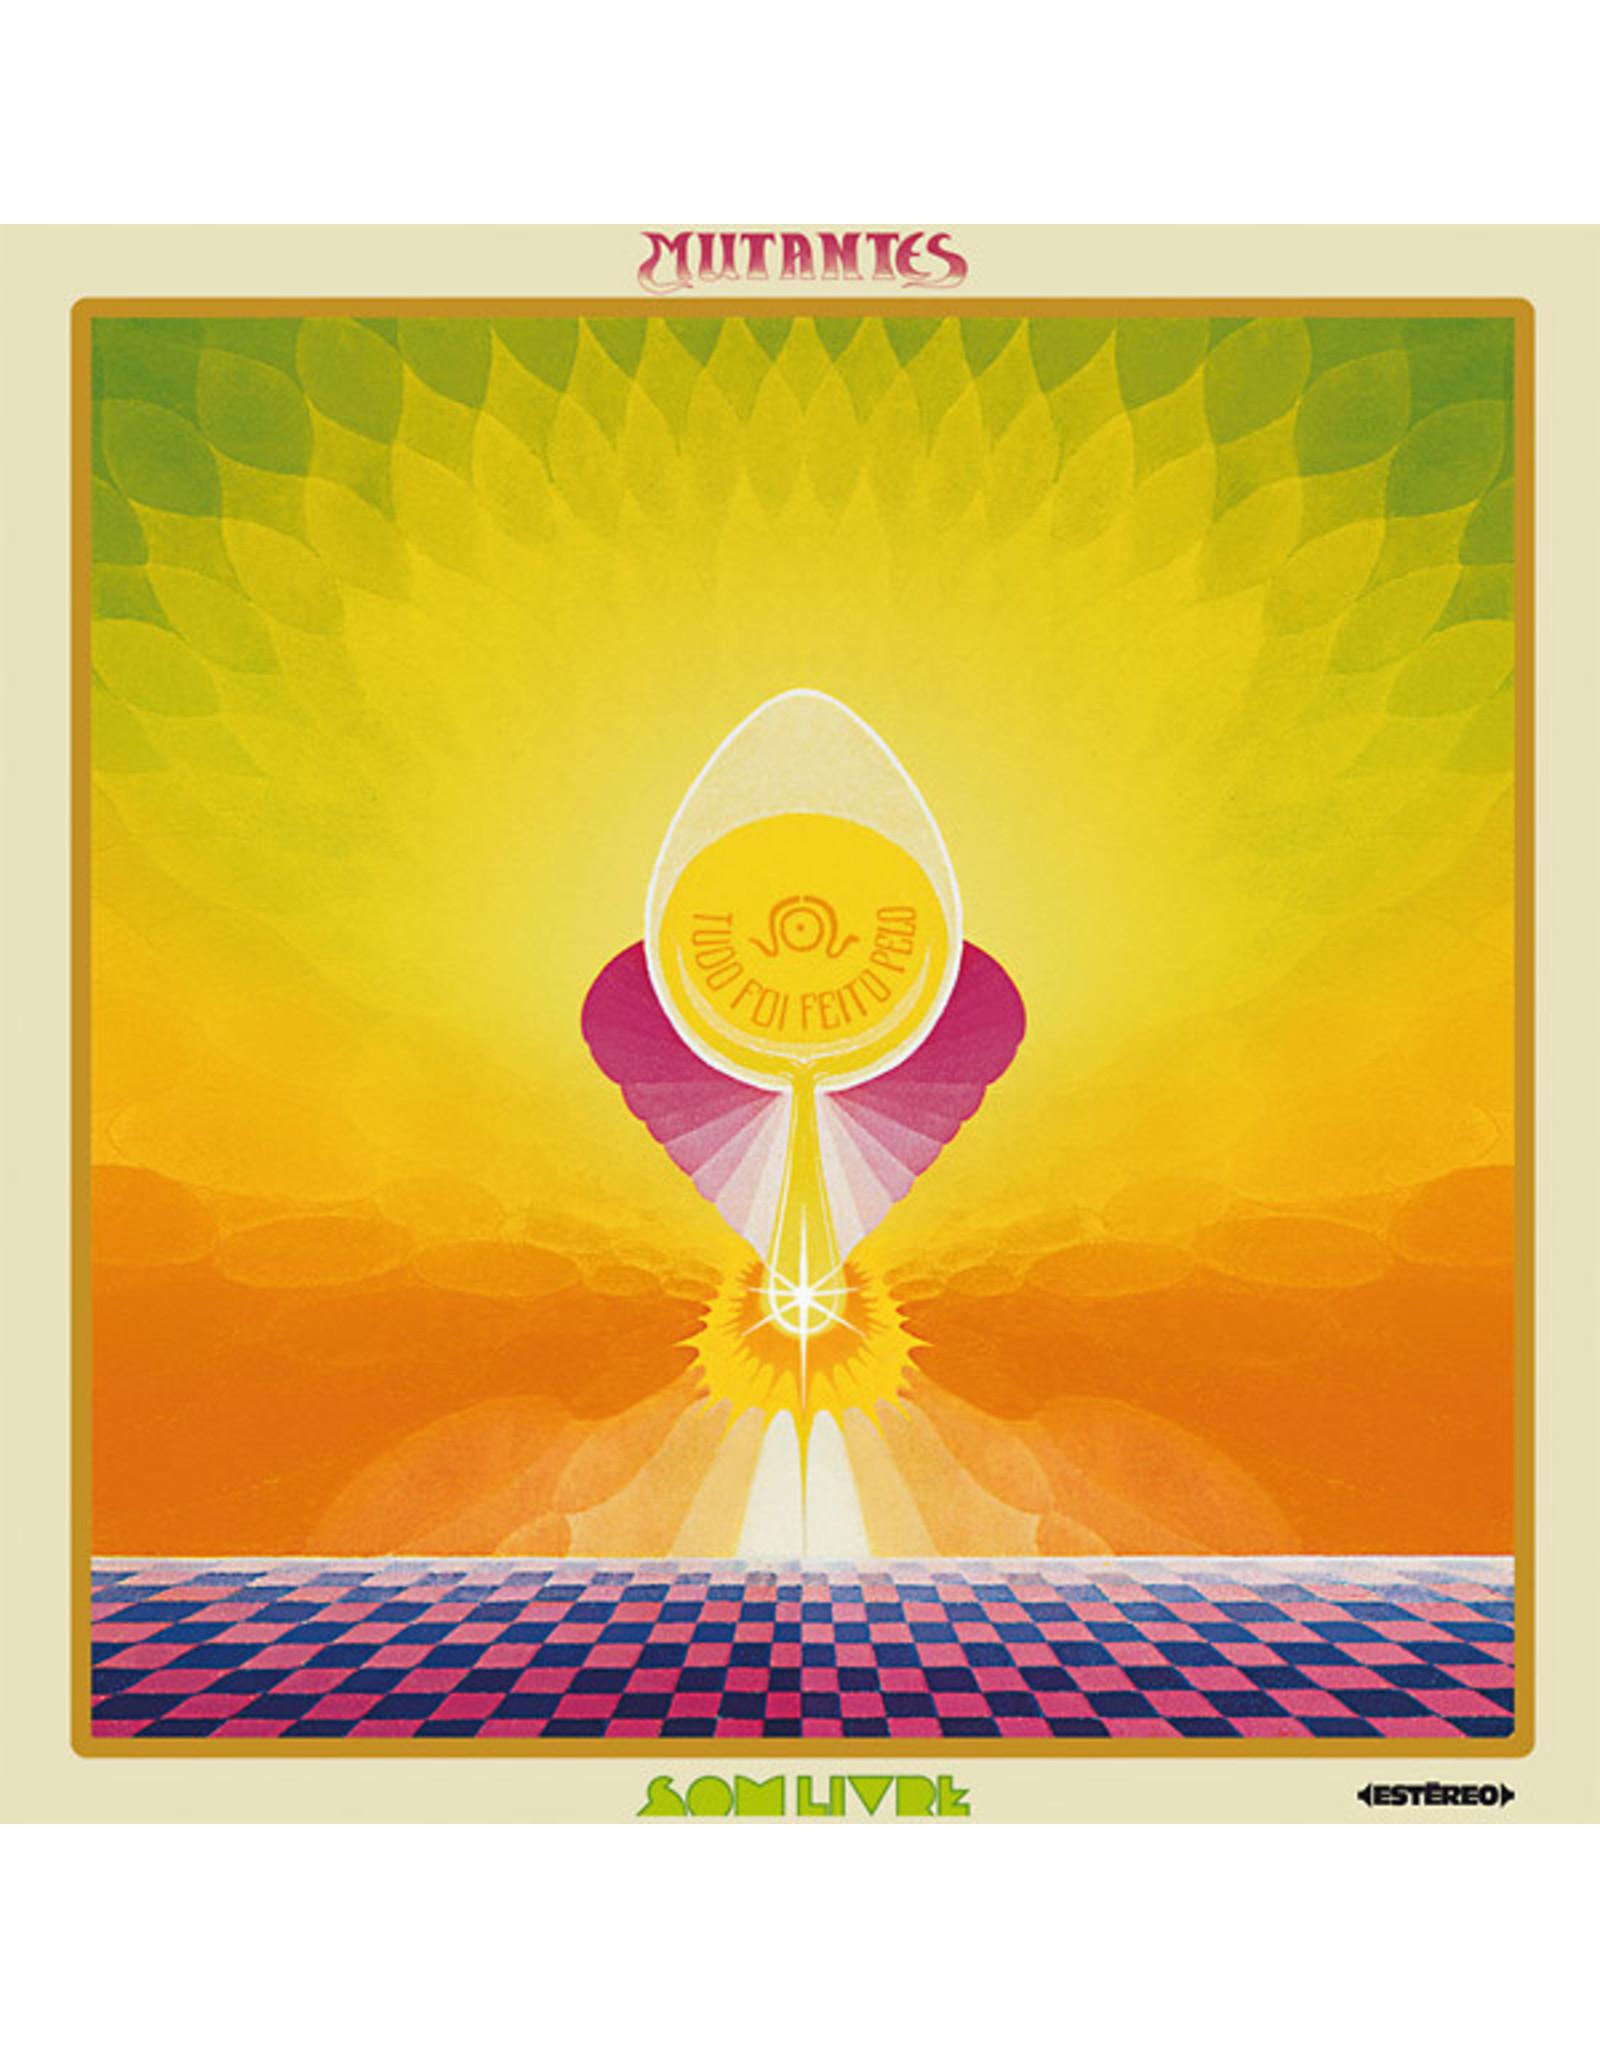 New Vinyl Os Mutantes - Todo Foi Feito Pelo Sol LP